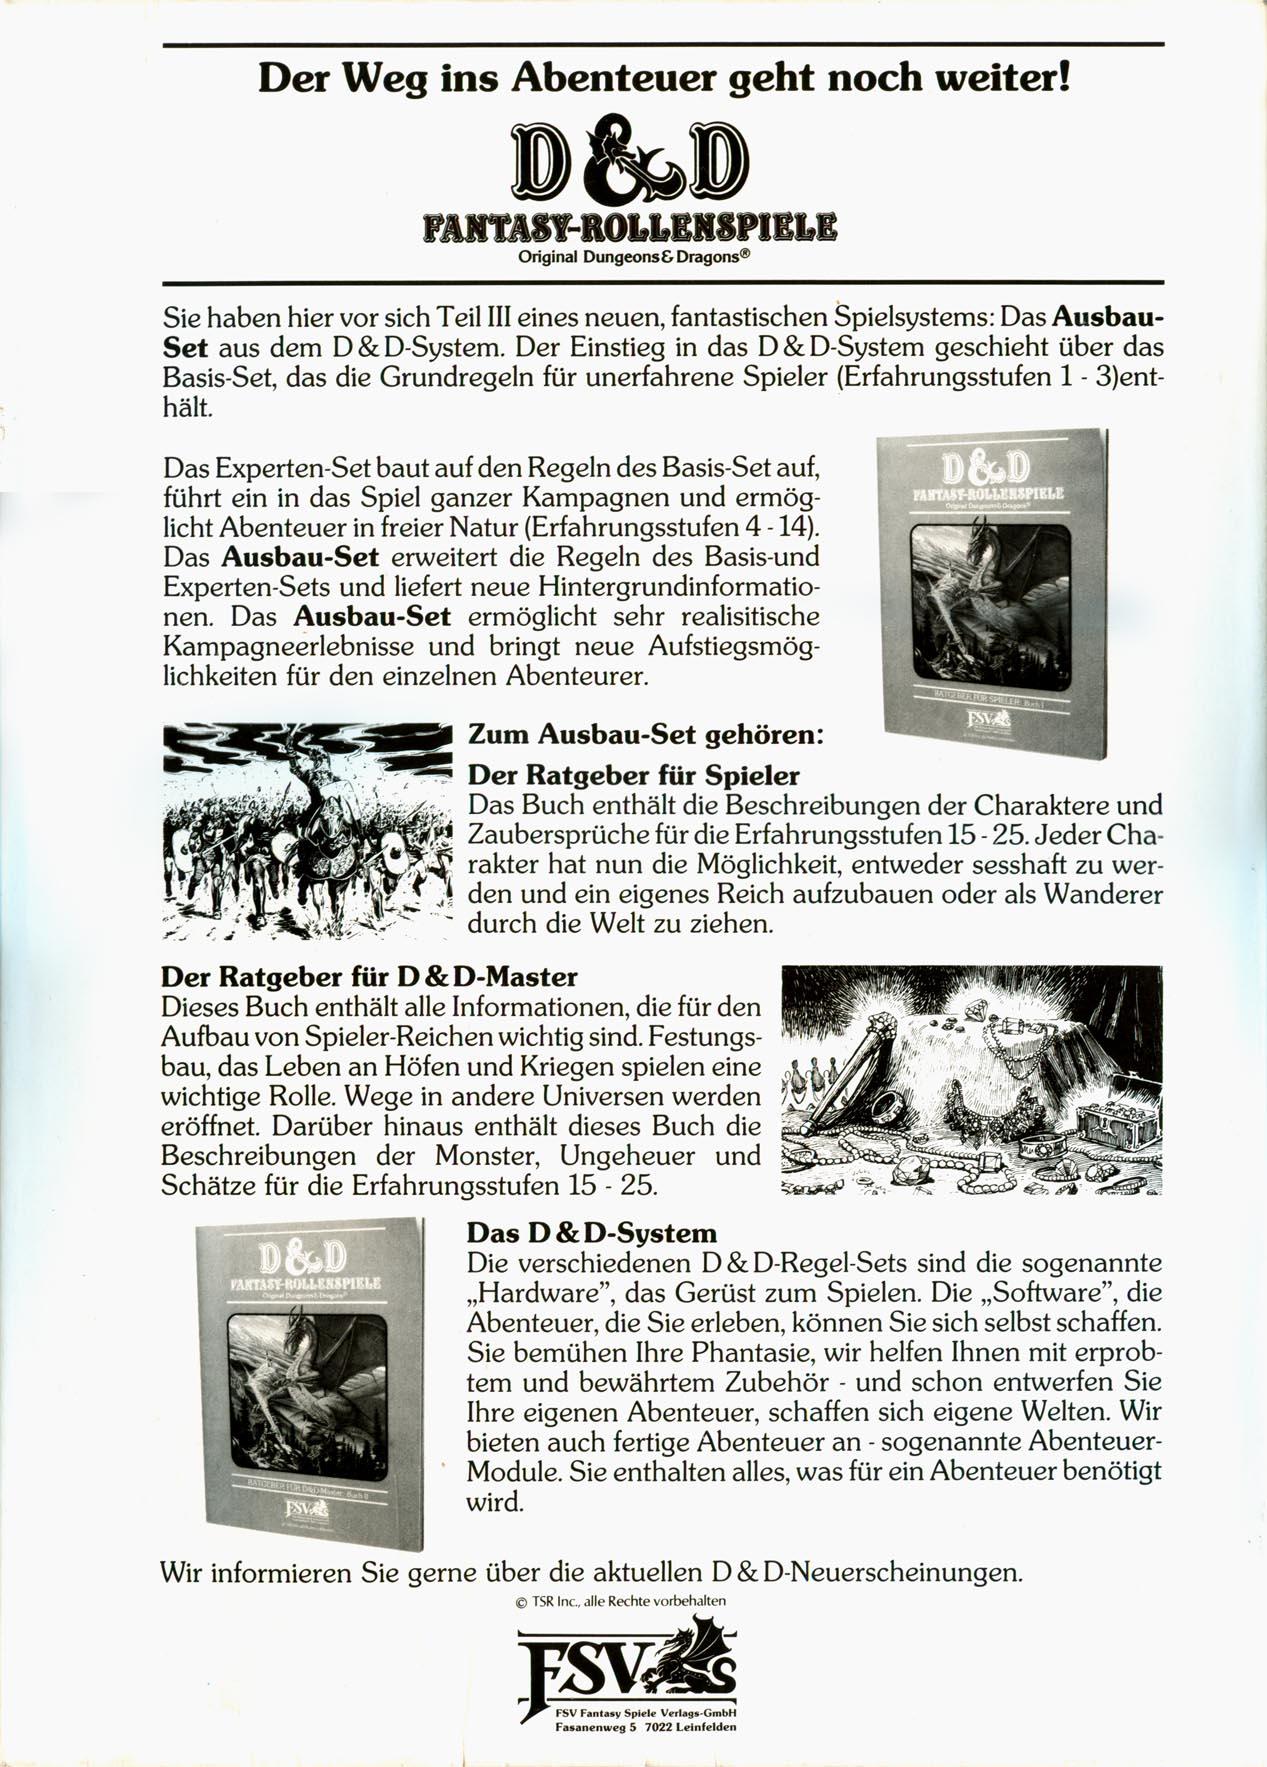 Ziemlich Post Geht Weiter Auf Monster Galerie - Beispiel ...